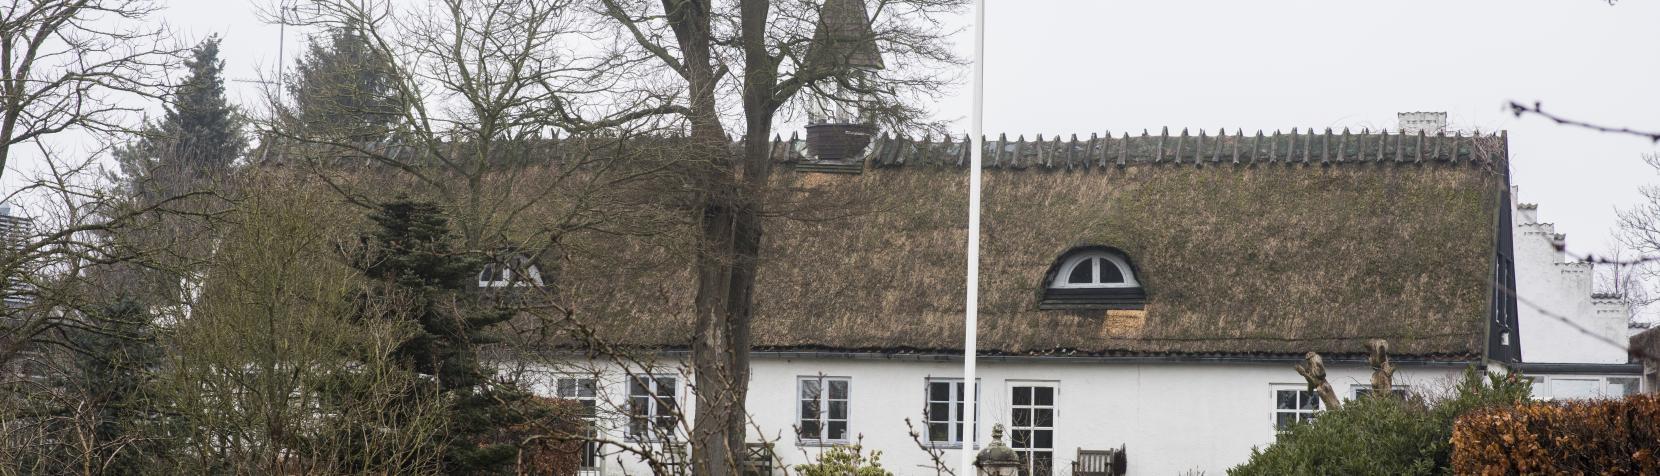 Bofællesskabet Krogholmgård